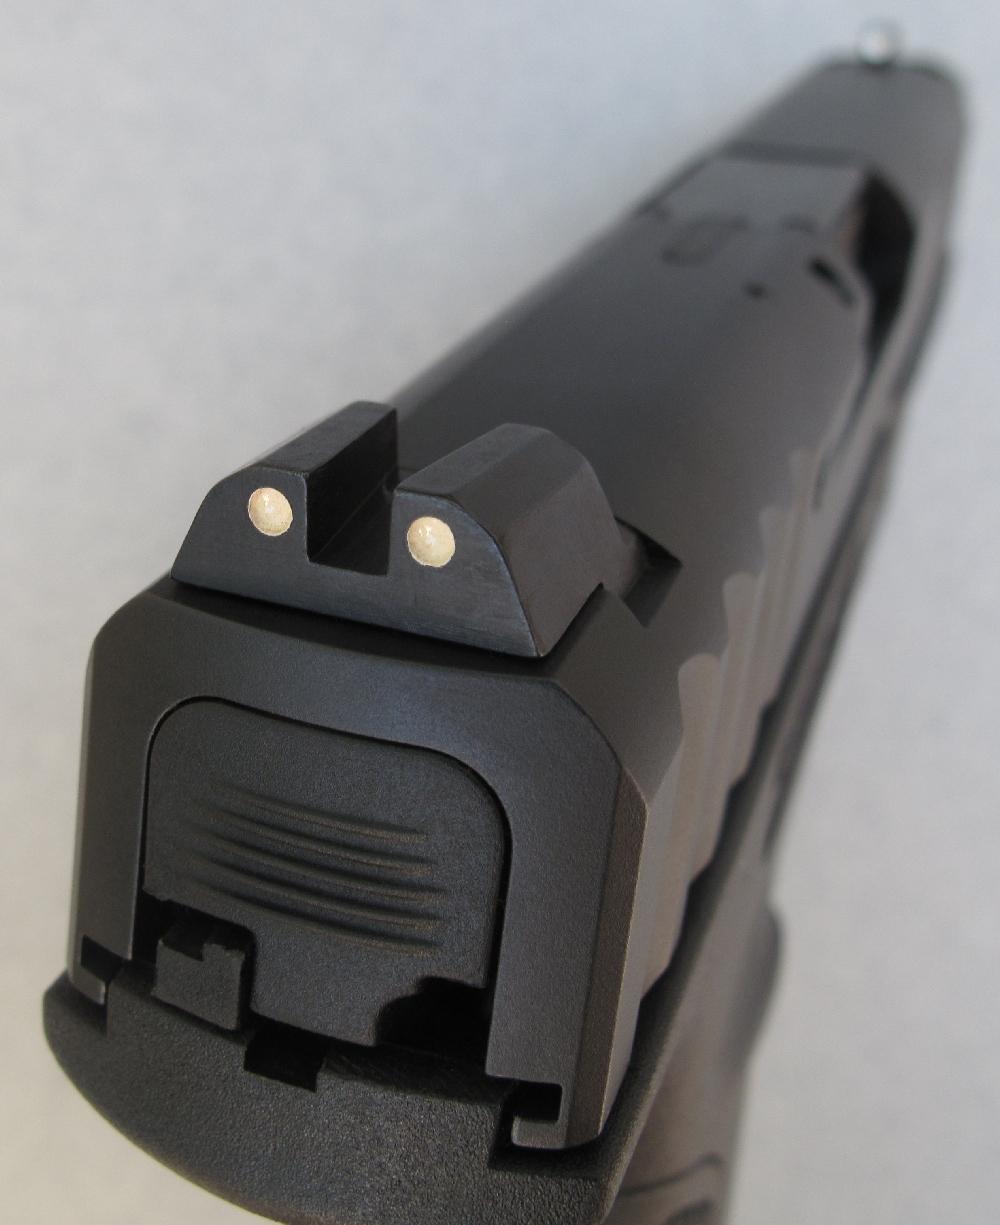 Sa hausse, usinée en acier et installée à queue d'aronde, peut être déplacée latéralement pour modifier le préréglage de l'arme en azimut.